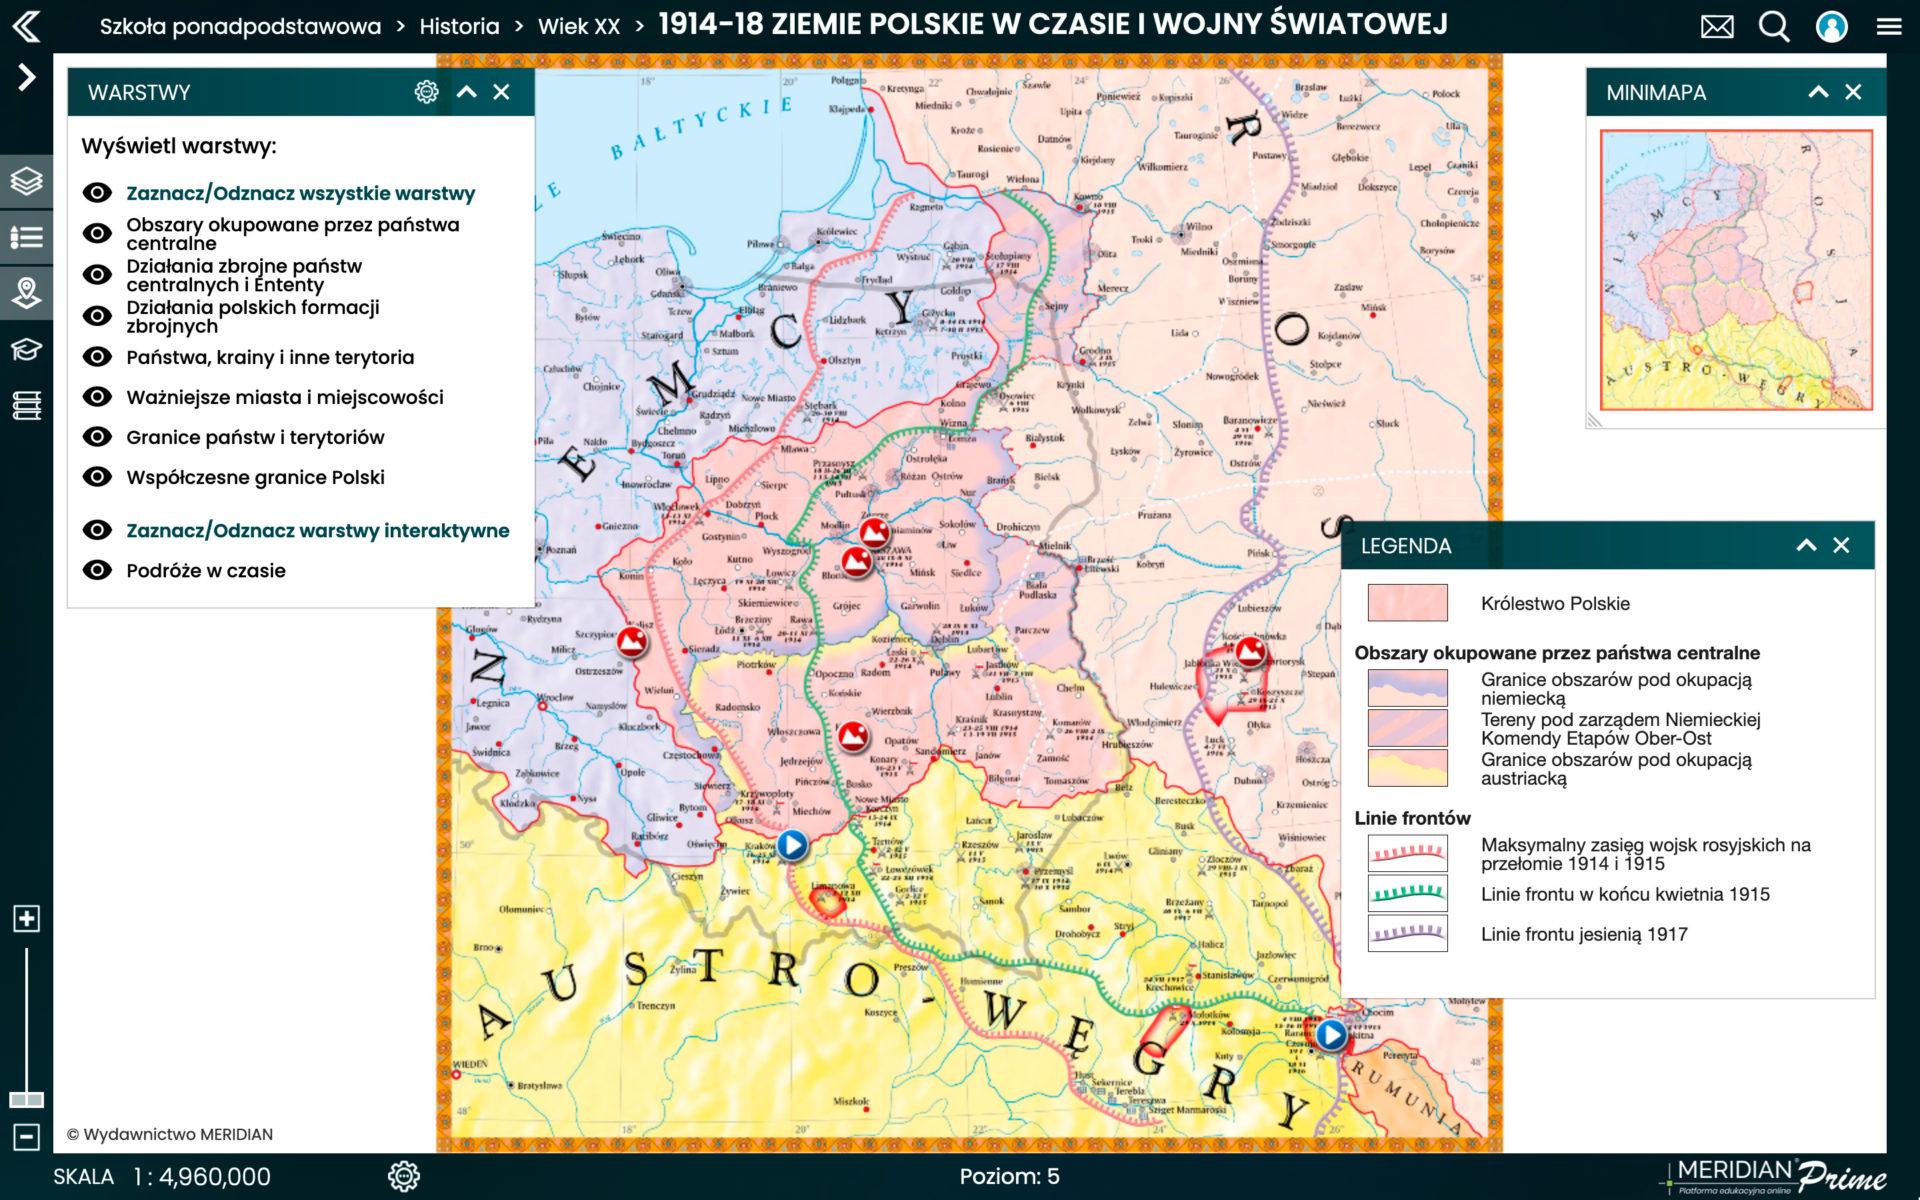 1914-1918 Ziemie polskie w czasie I wojny światowej